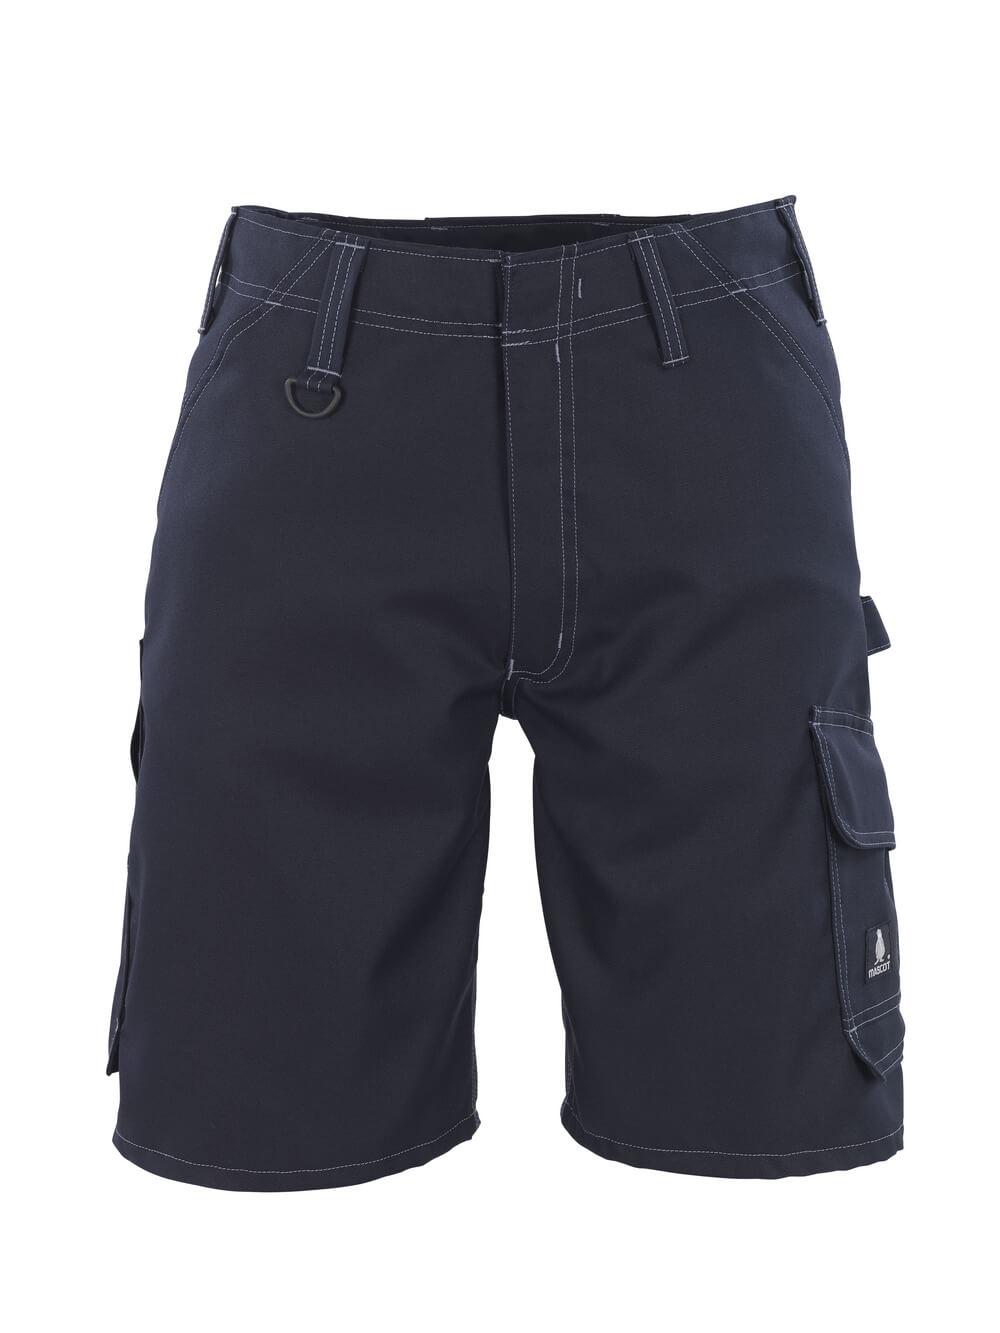 10149-154-010 Shorts - dark navy